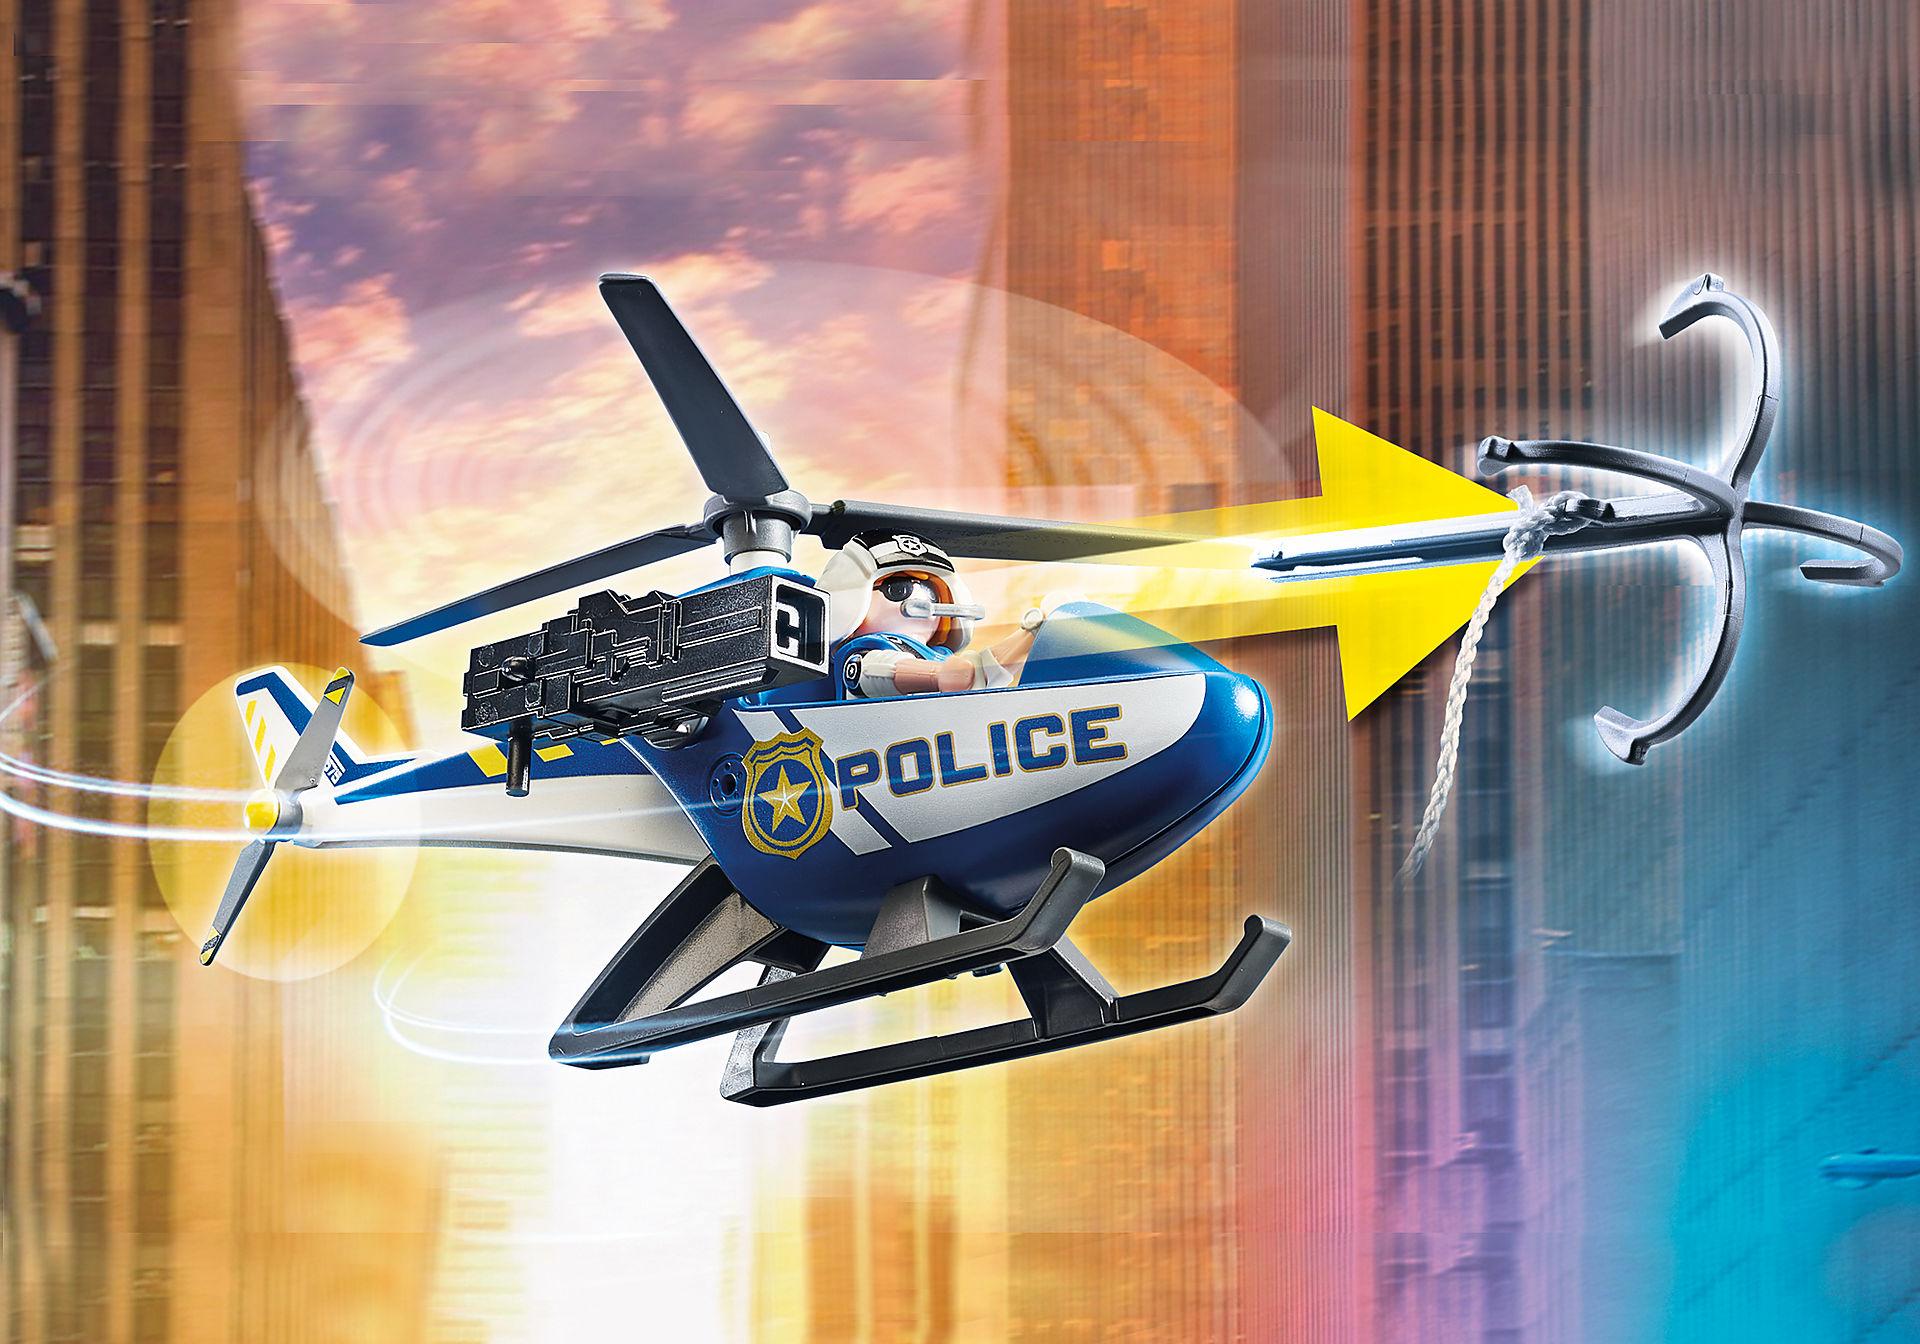 70575 Policyjny helikopter: Pościg za uciekającym samochodem zoom image6